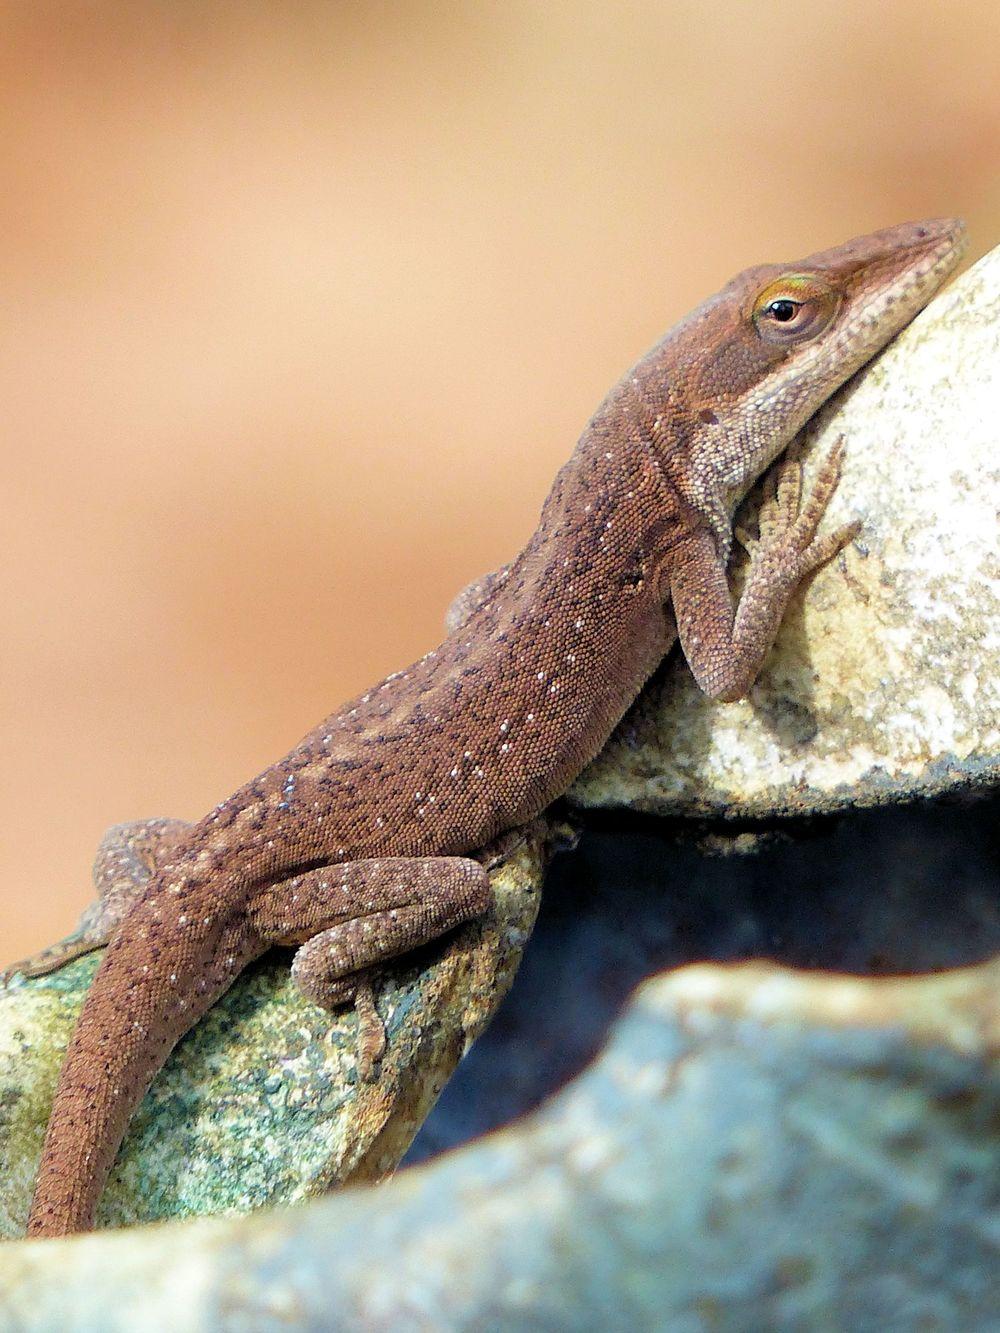 Lizard - Mercer Arboretum